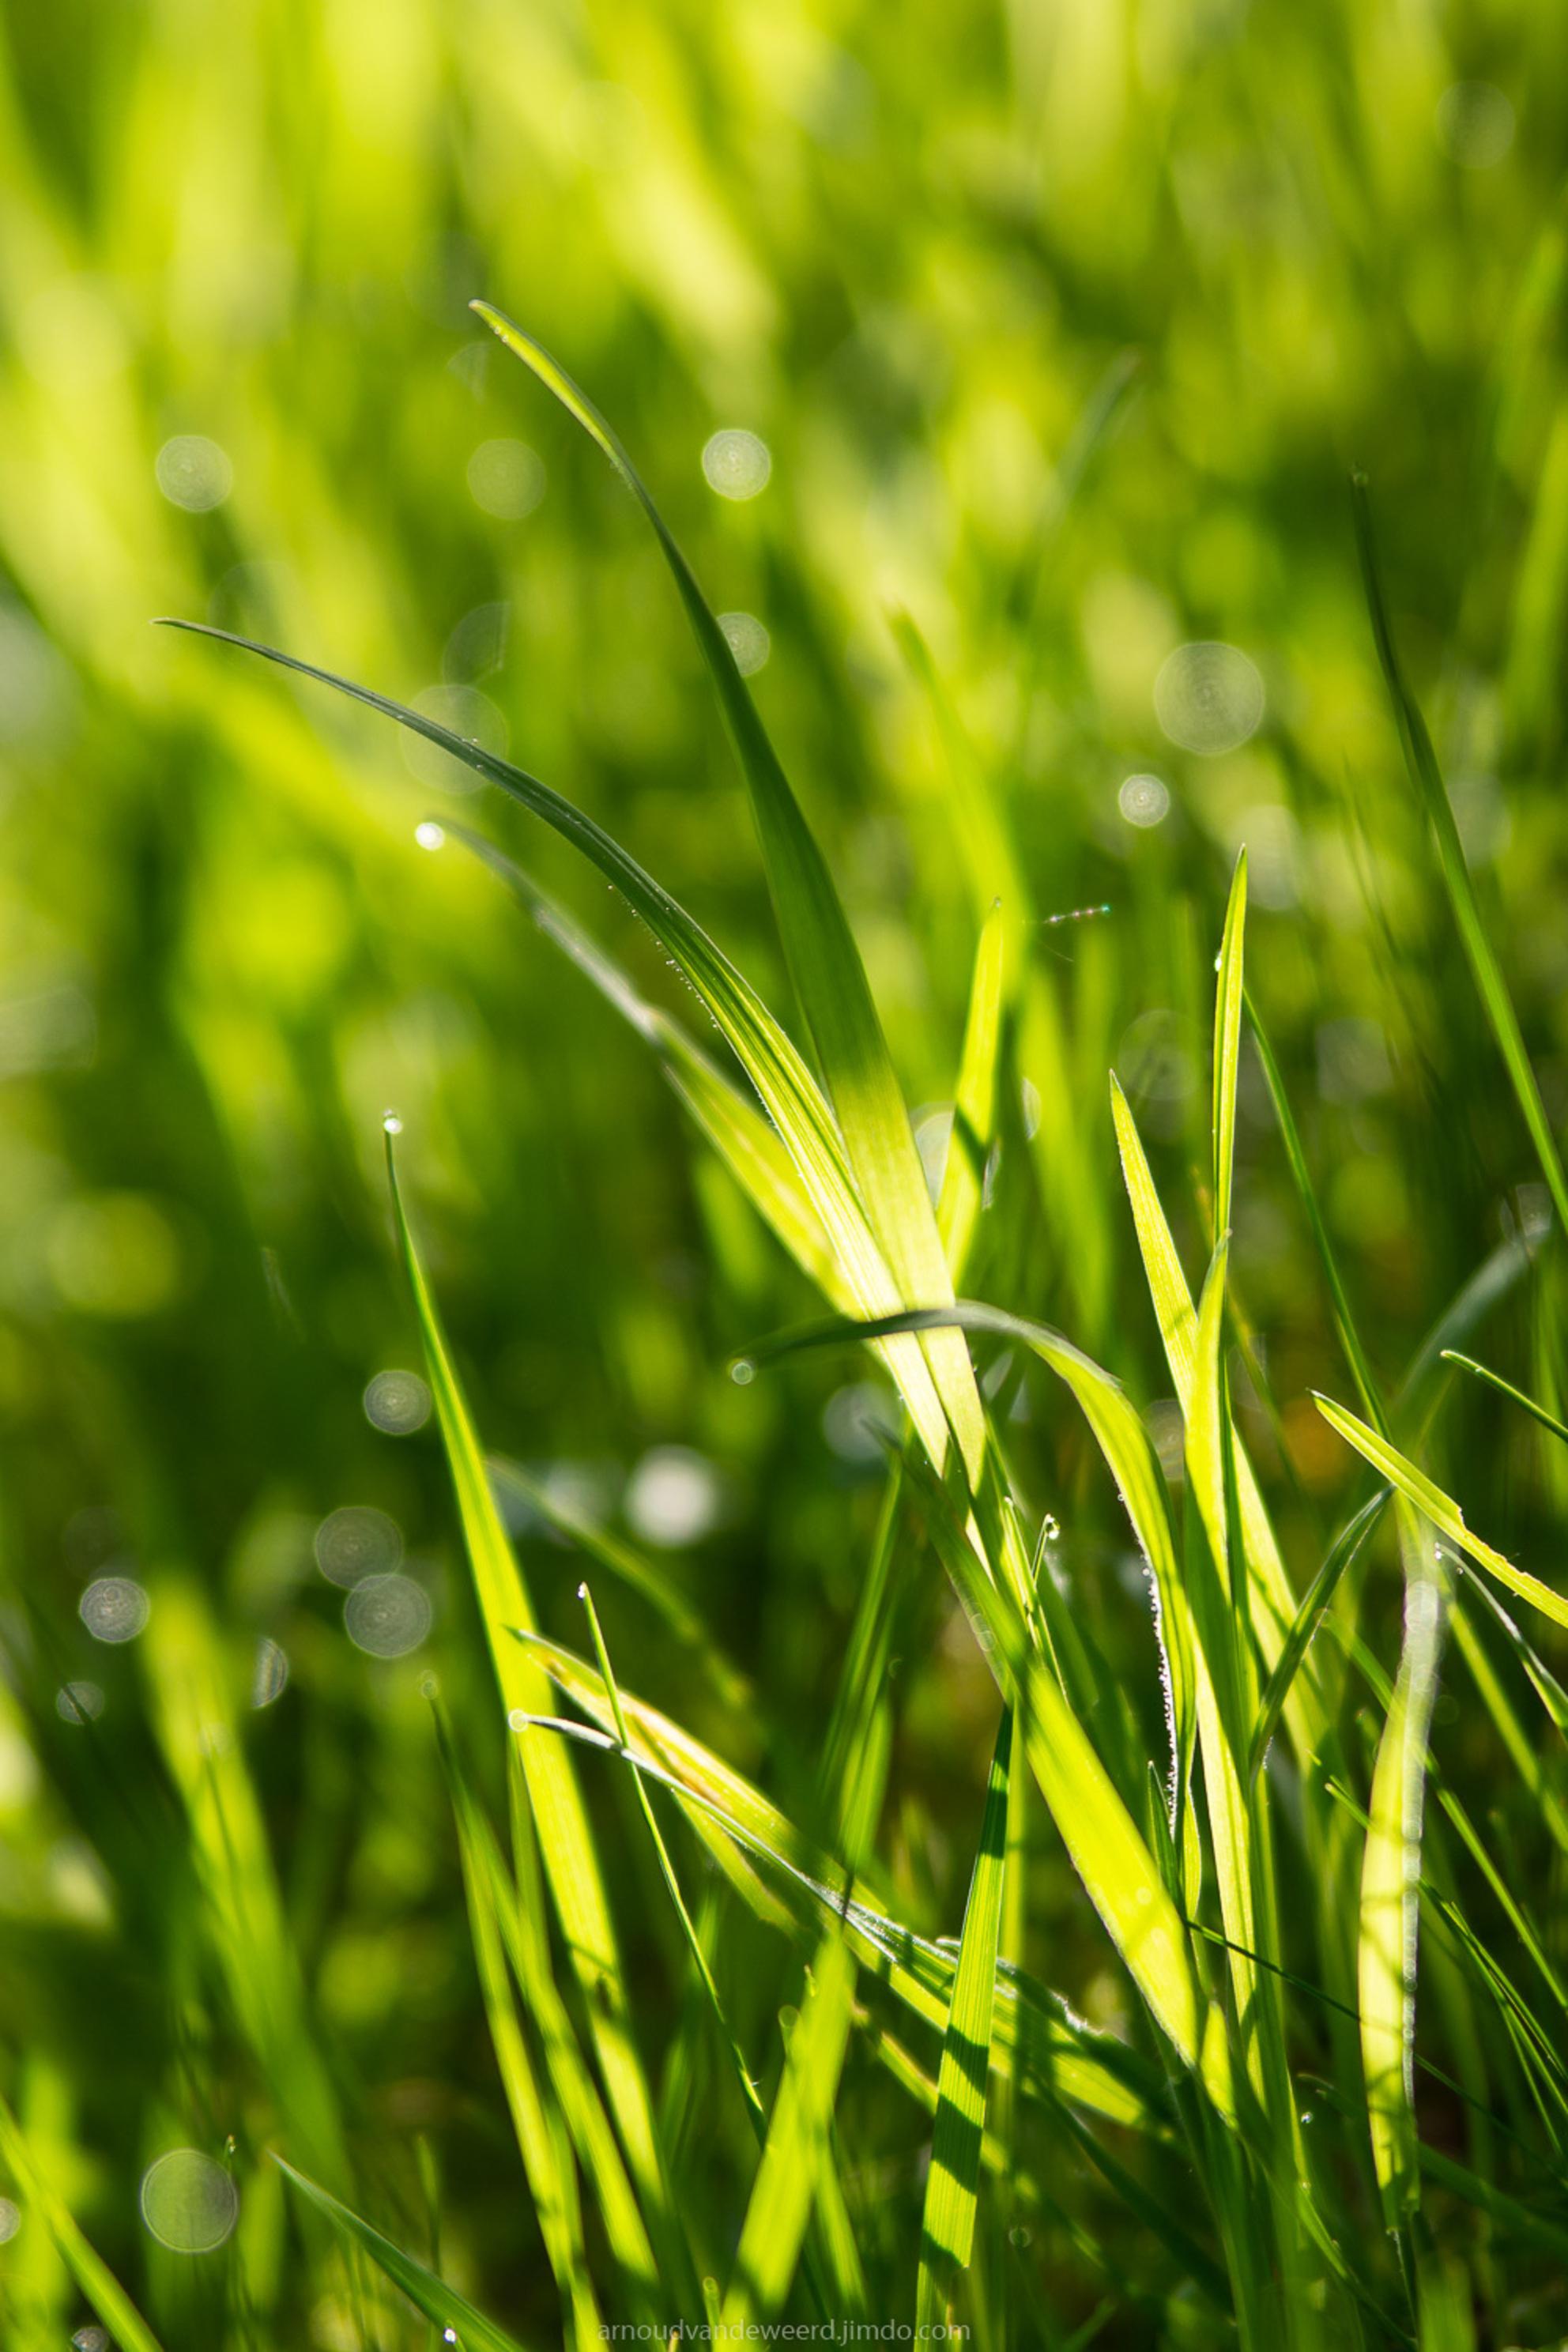 50 shades of green ;-) - Wanneer het licht mooi is, heeft een goede foto eigenlijk niet zoveel nodig. Dat gaat op bij weidse landschapsfoto's maar dat vind ik ook gelden bij  - foto door Arnoud78 op 09-05-2018 - deze foto bevat: gras, groen, macro, lente, natuur, licht, dauw, dof, bokeh